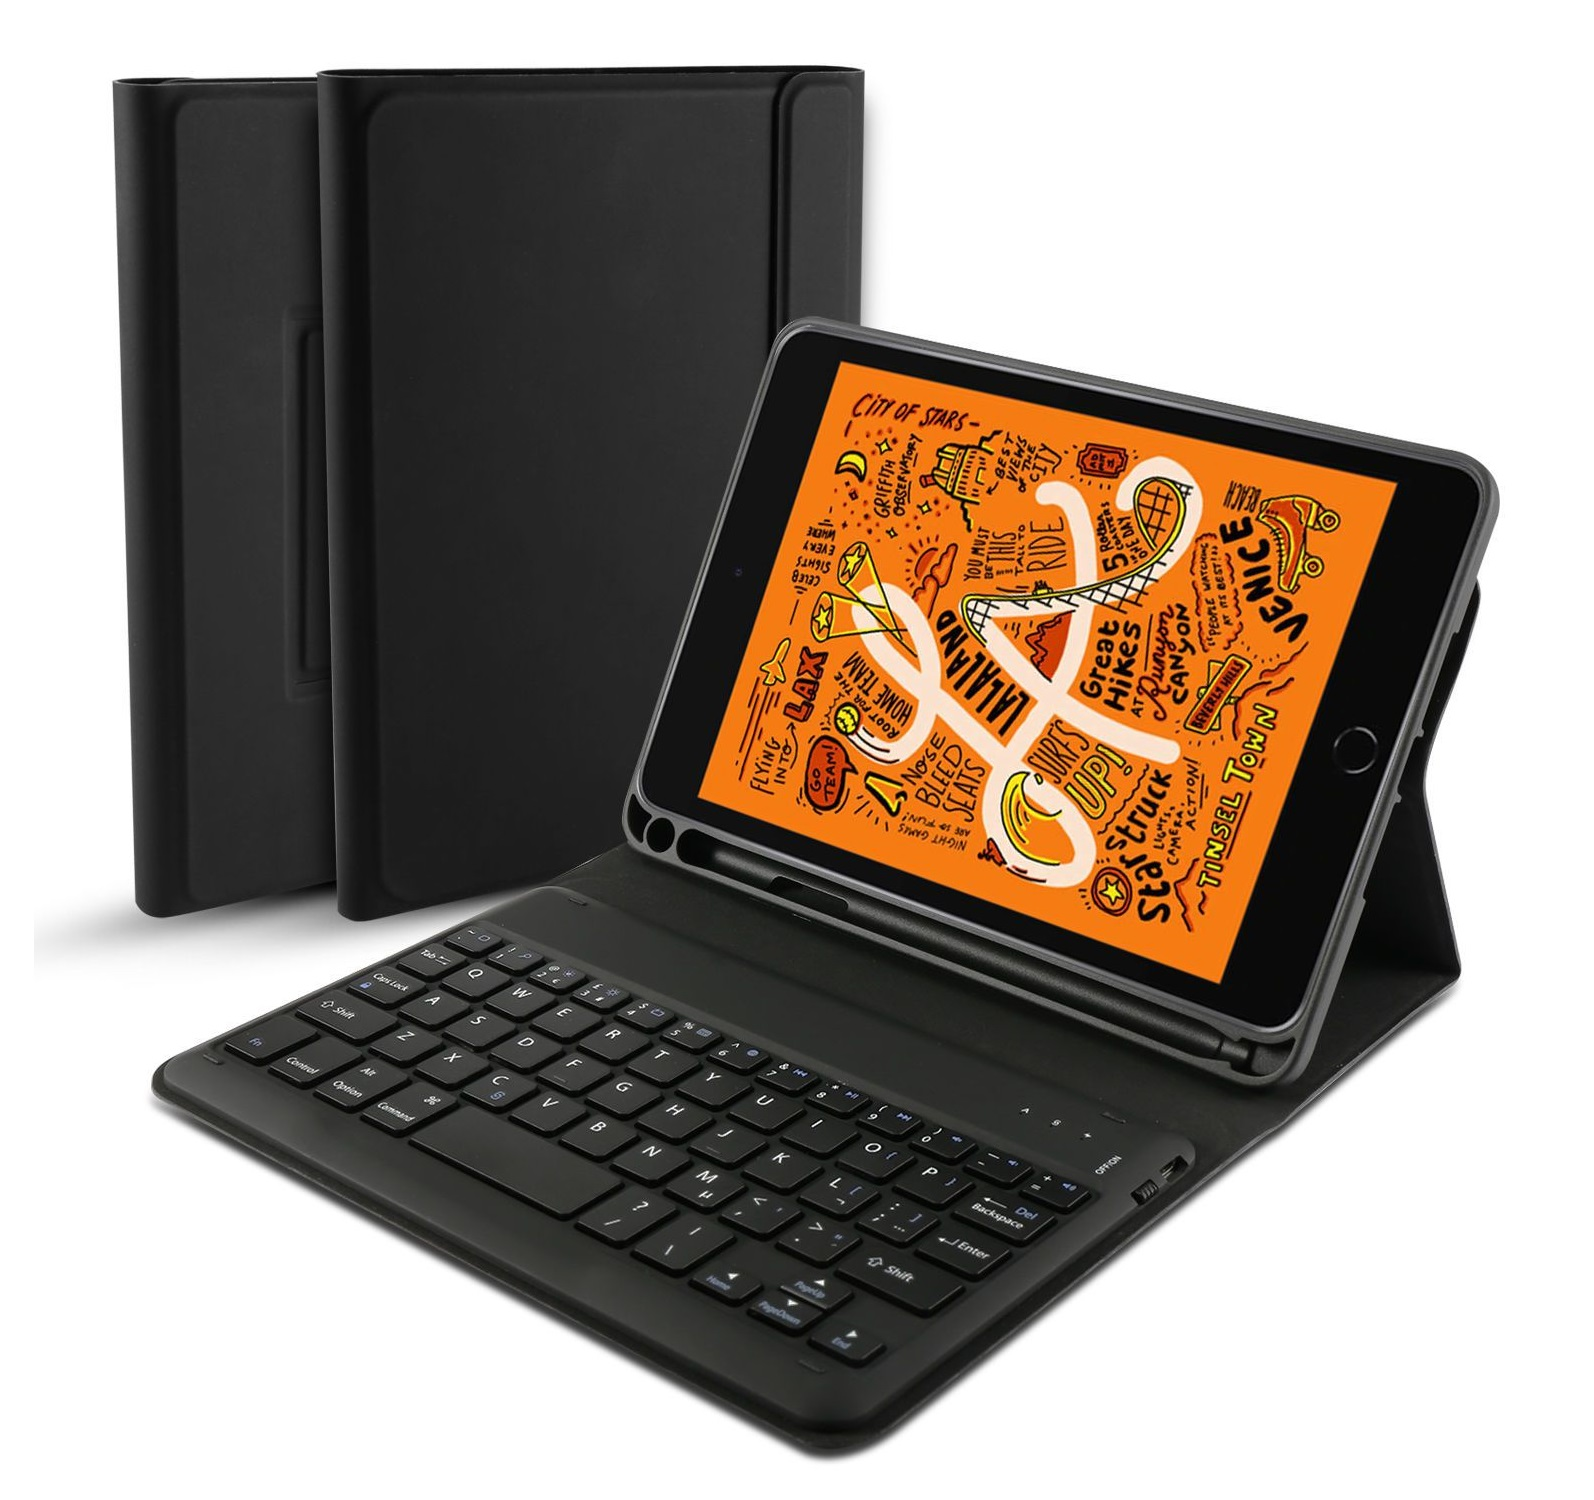 Bàn phím bluetooth iPad mini 5, kèm bao da, có ngăn để bút